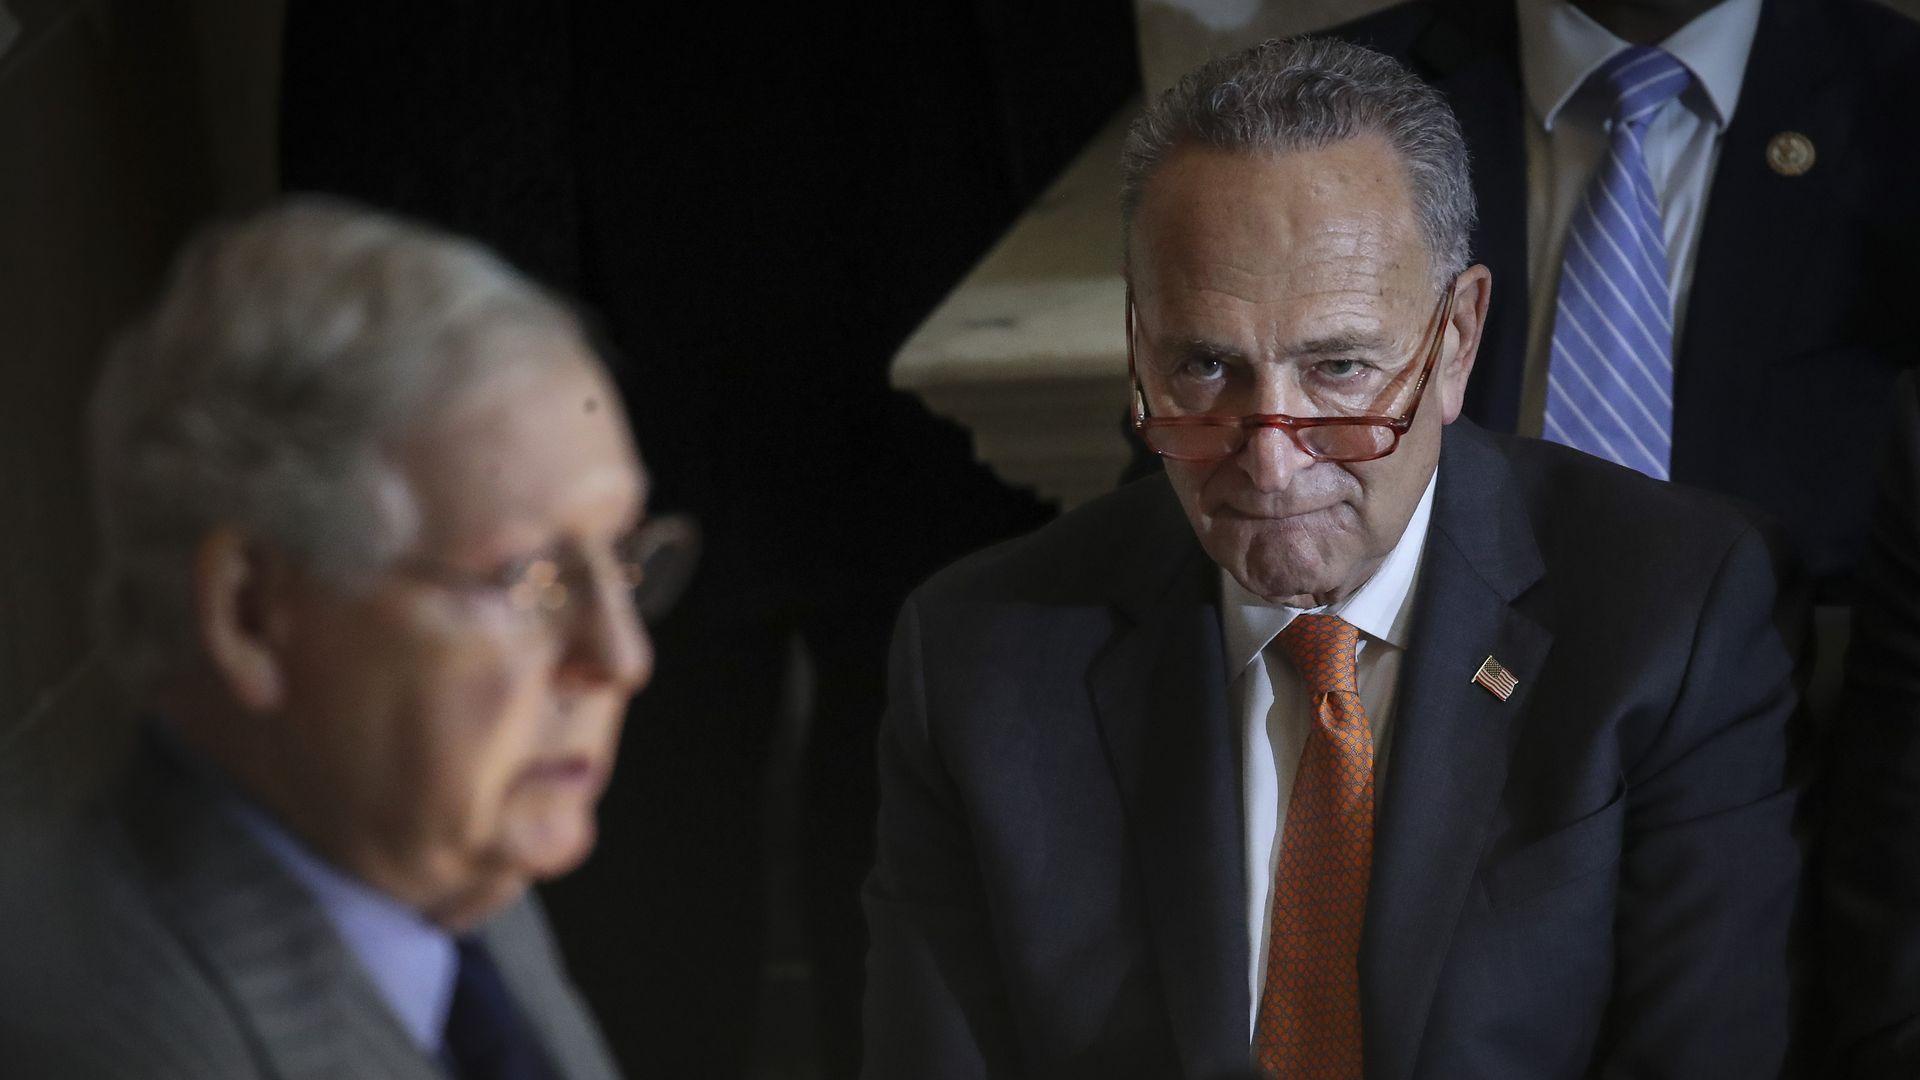 Senate passes USMCA trade deal as Trump's impeachment trial looms